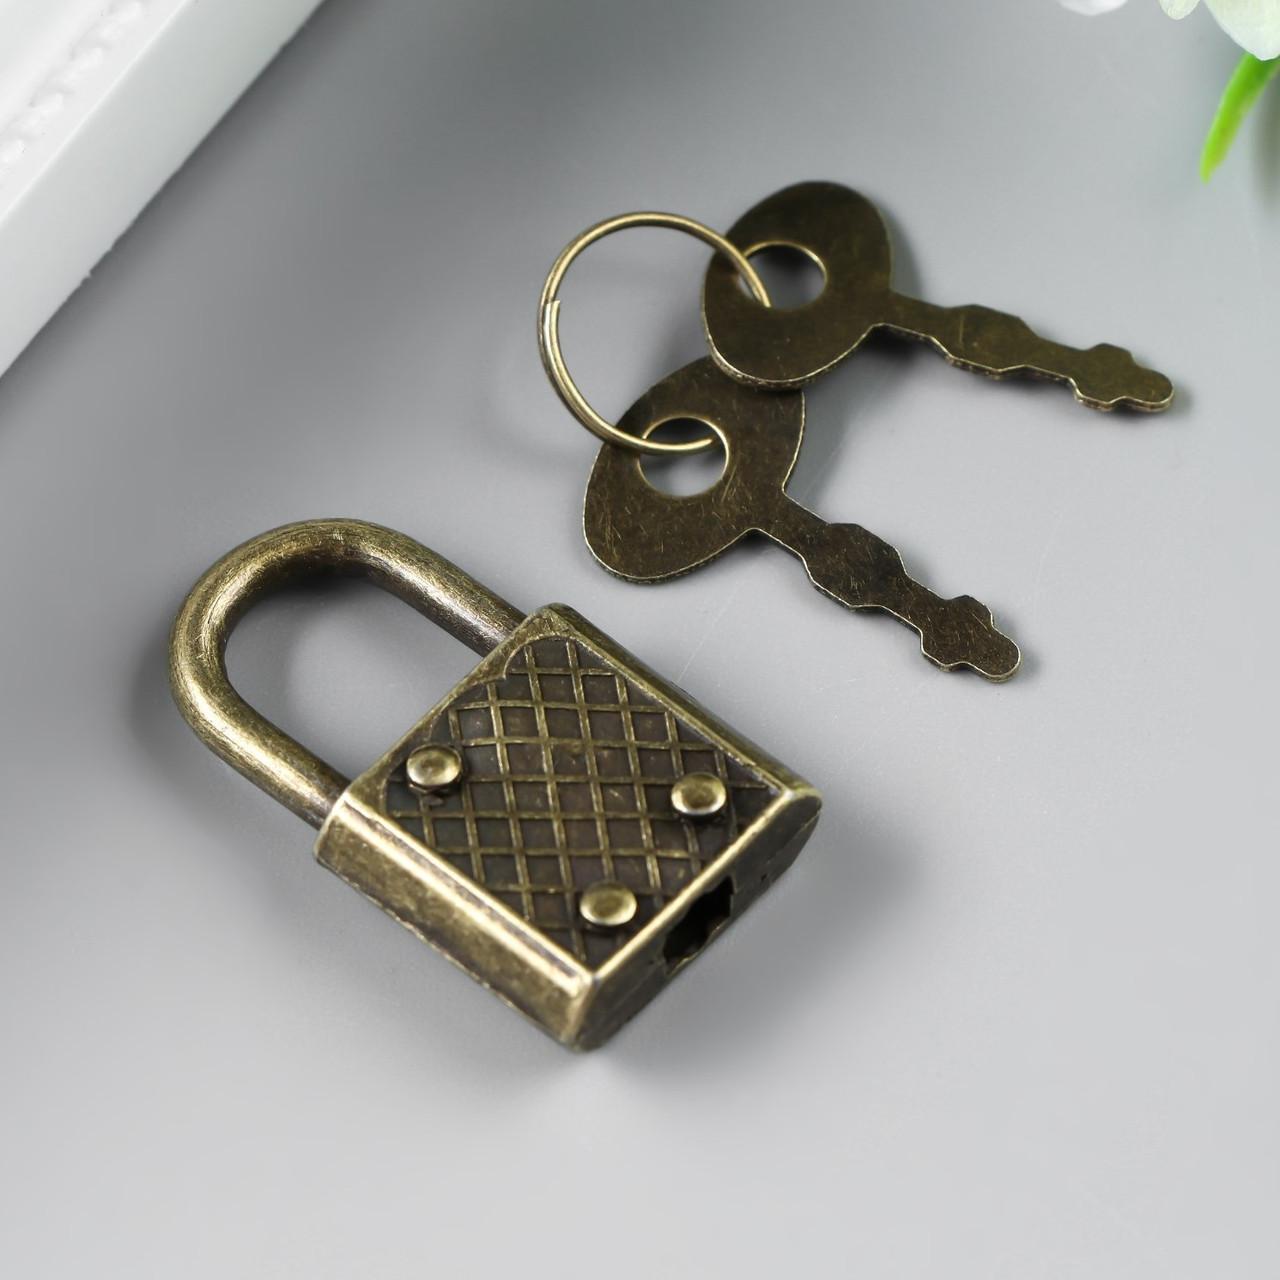 Замочек с ключиком для шкатулки металл набор 5 шт С286 бронза 3,1х1,7 см